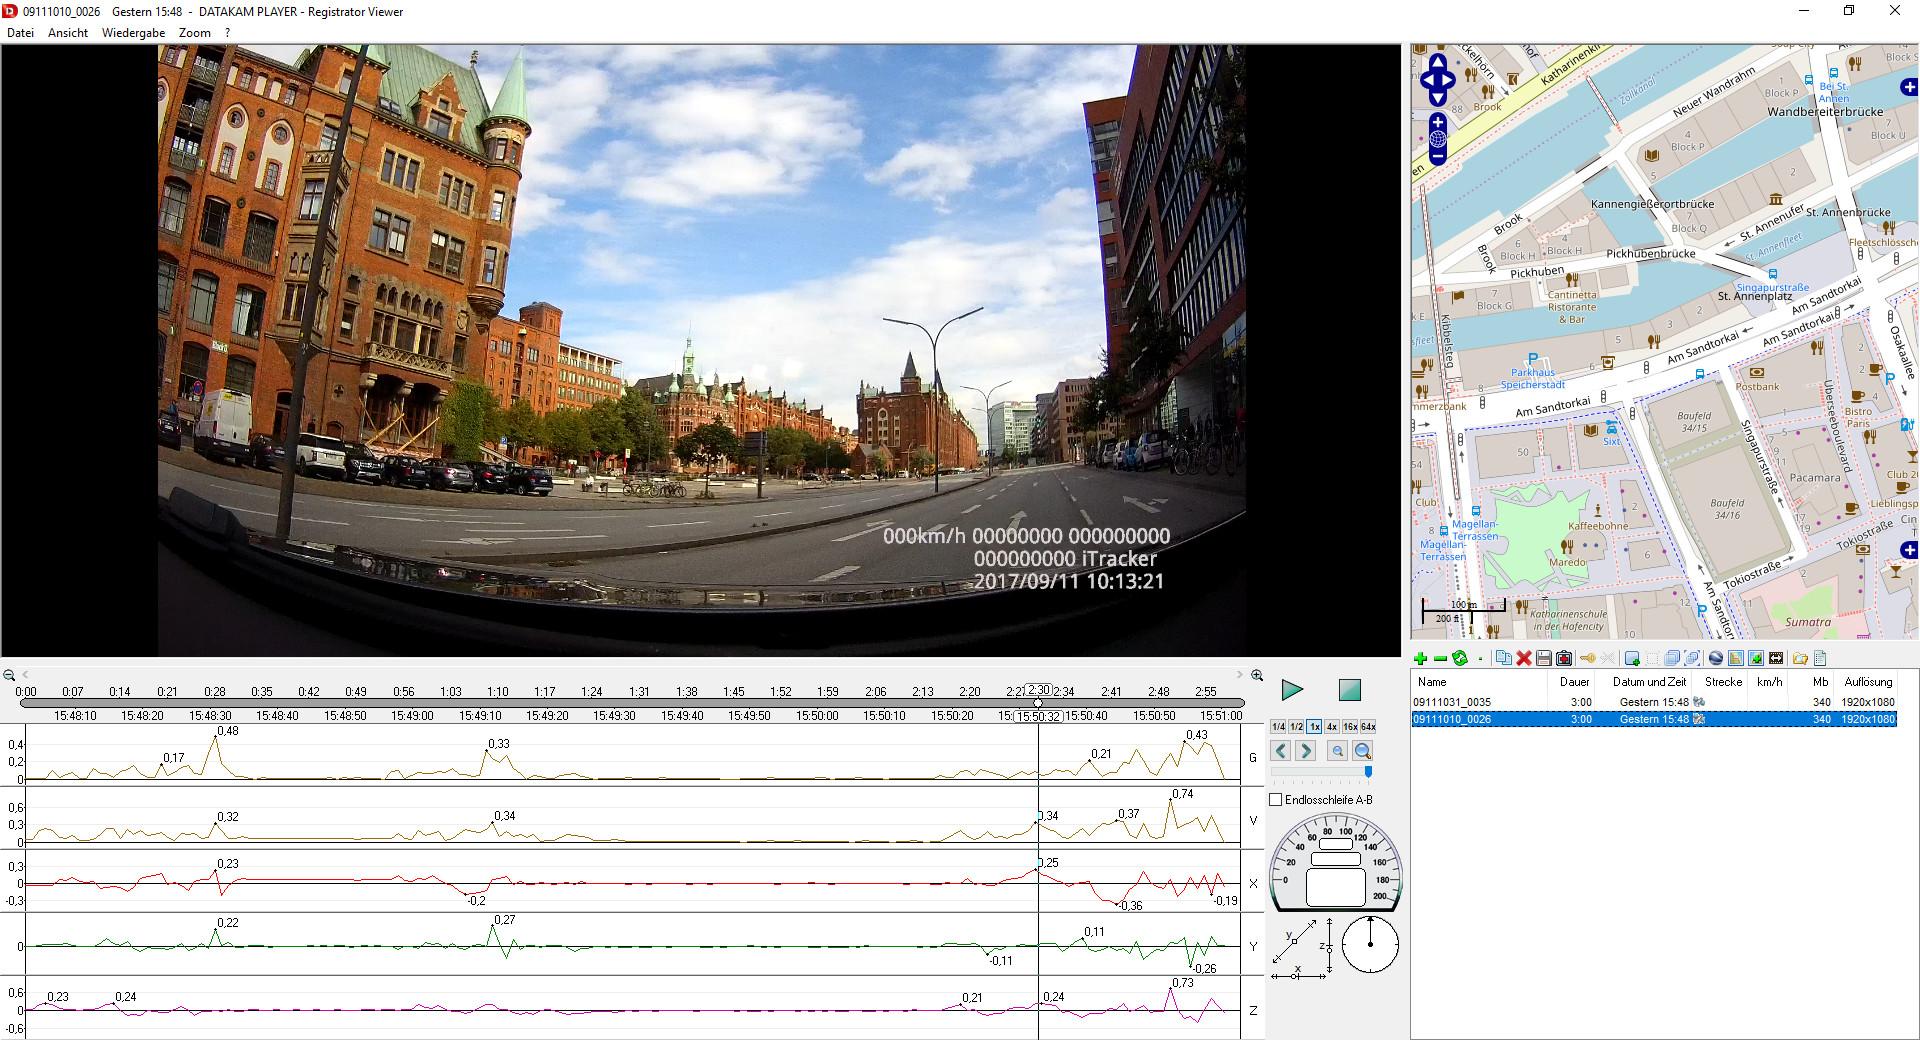 Screenshot 1 - Datakam Player (Registrator Viewer)